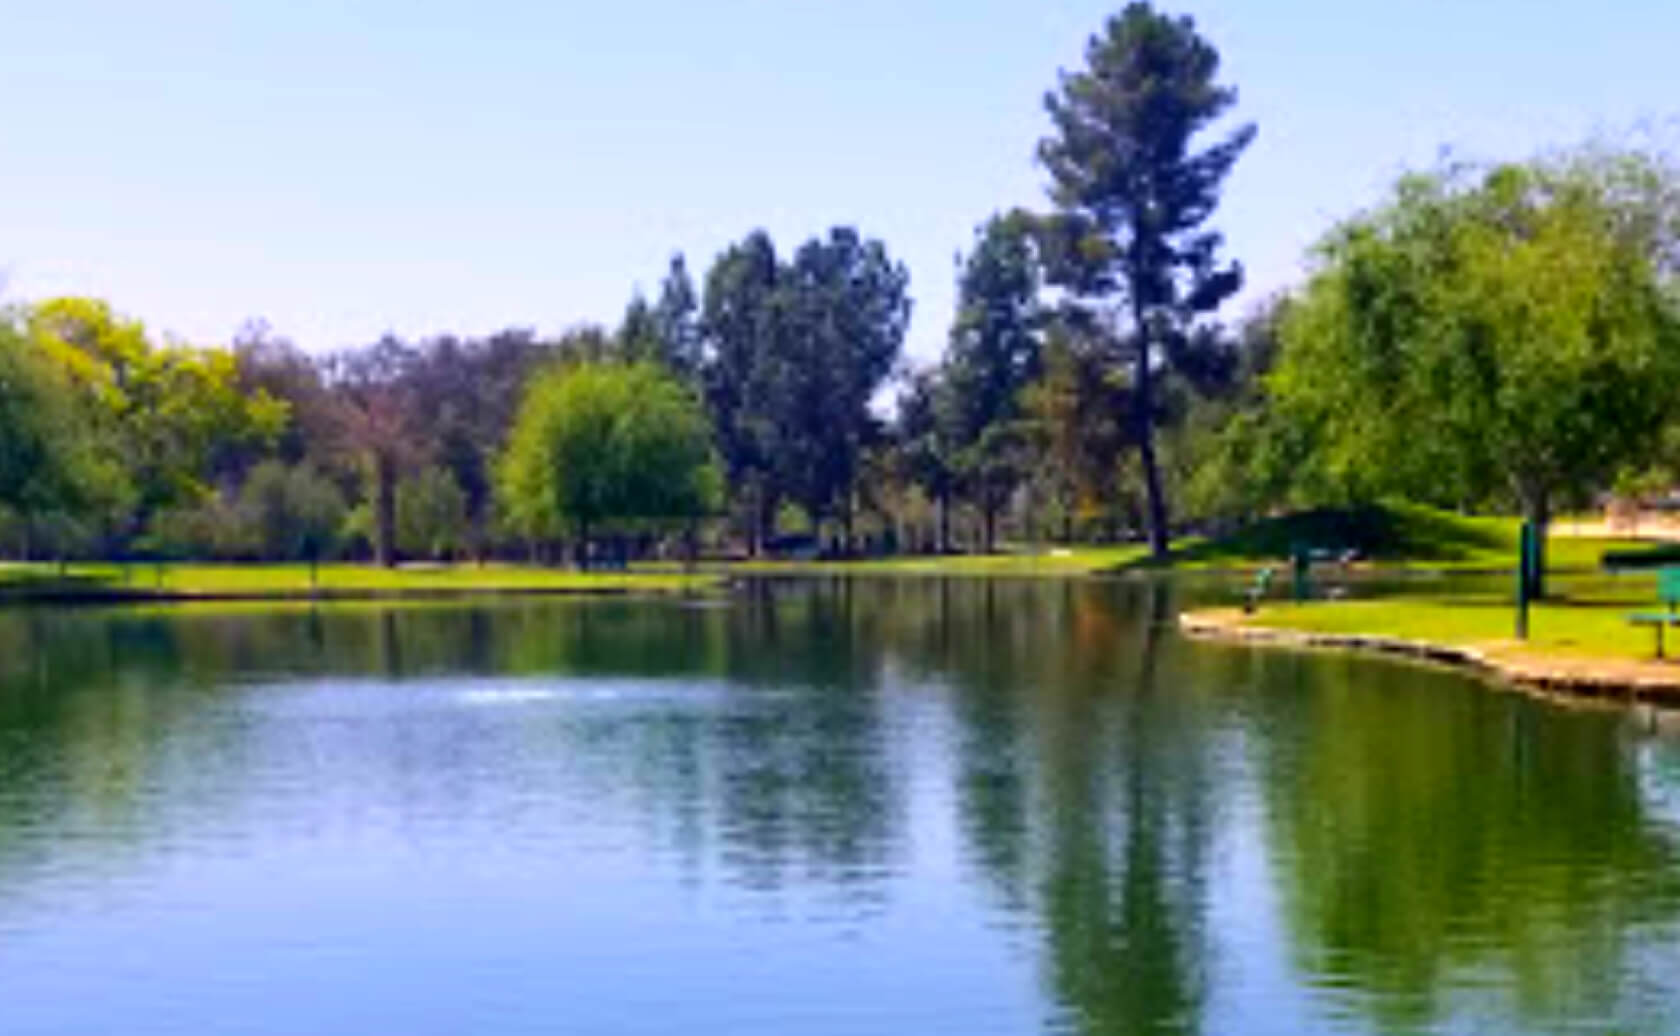 Clark-Regional-Park-Lake-Fishing-Guide-Report-Buena-Park-CA-04